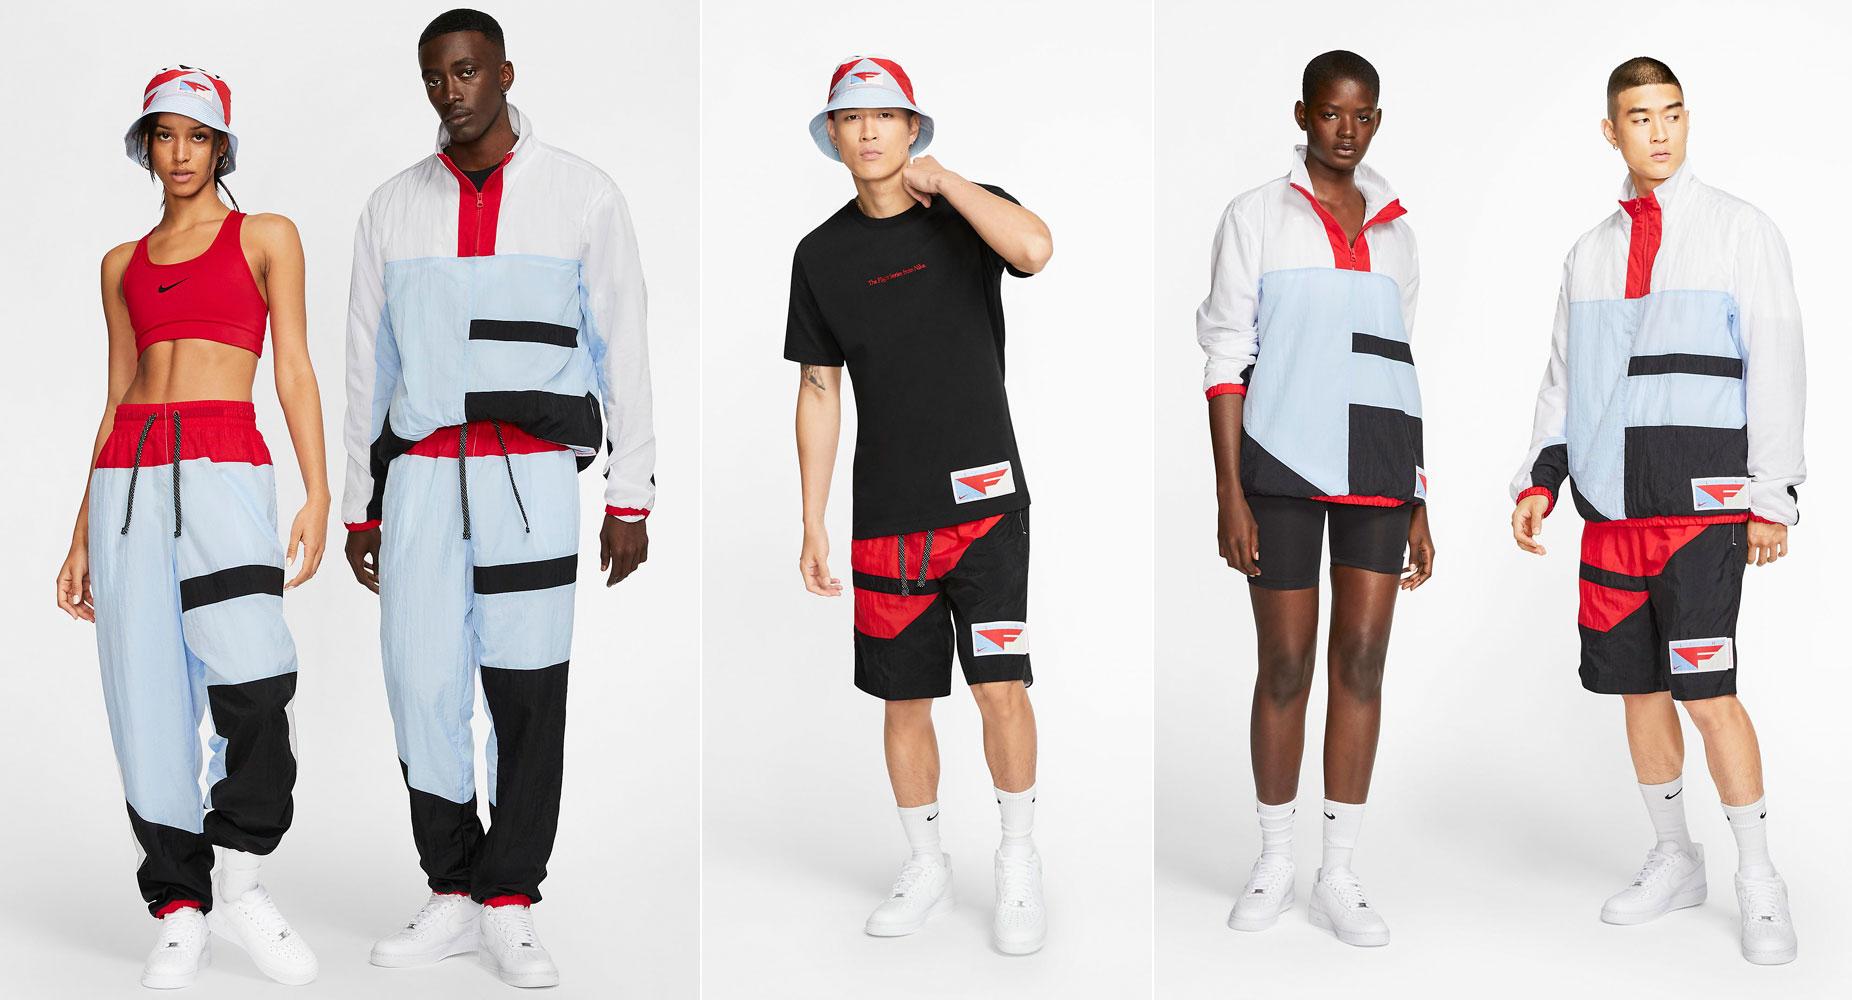 nike-flight-chicago-clothing